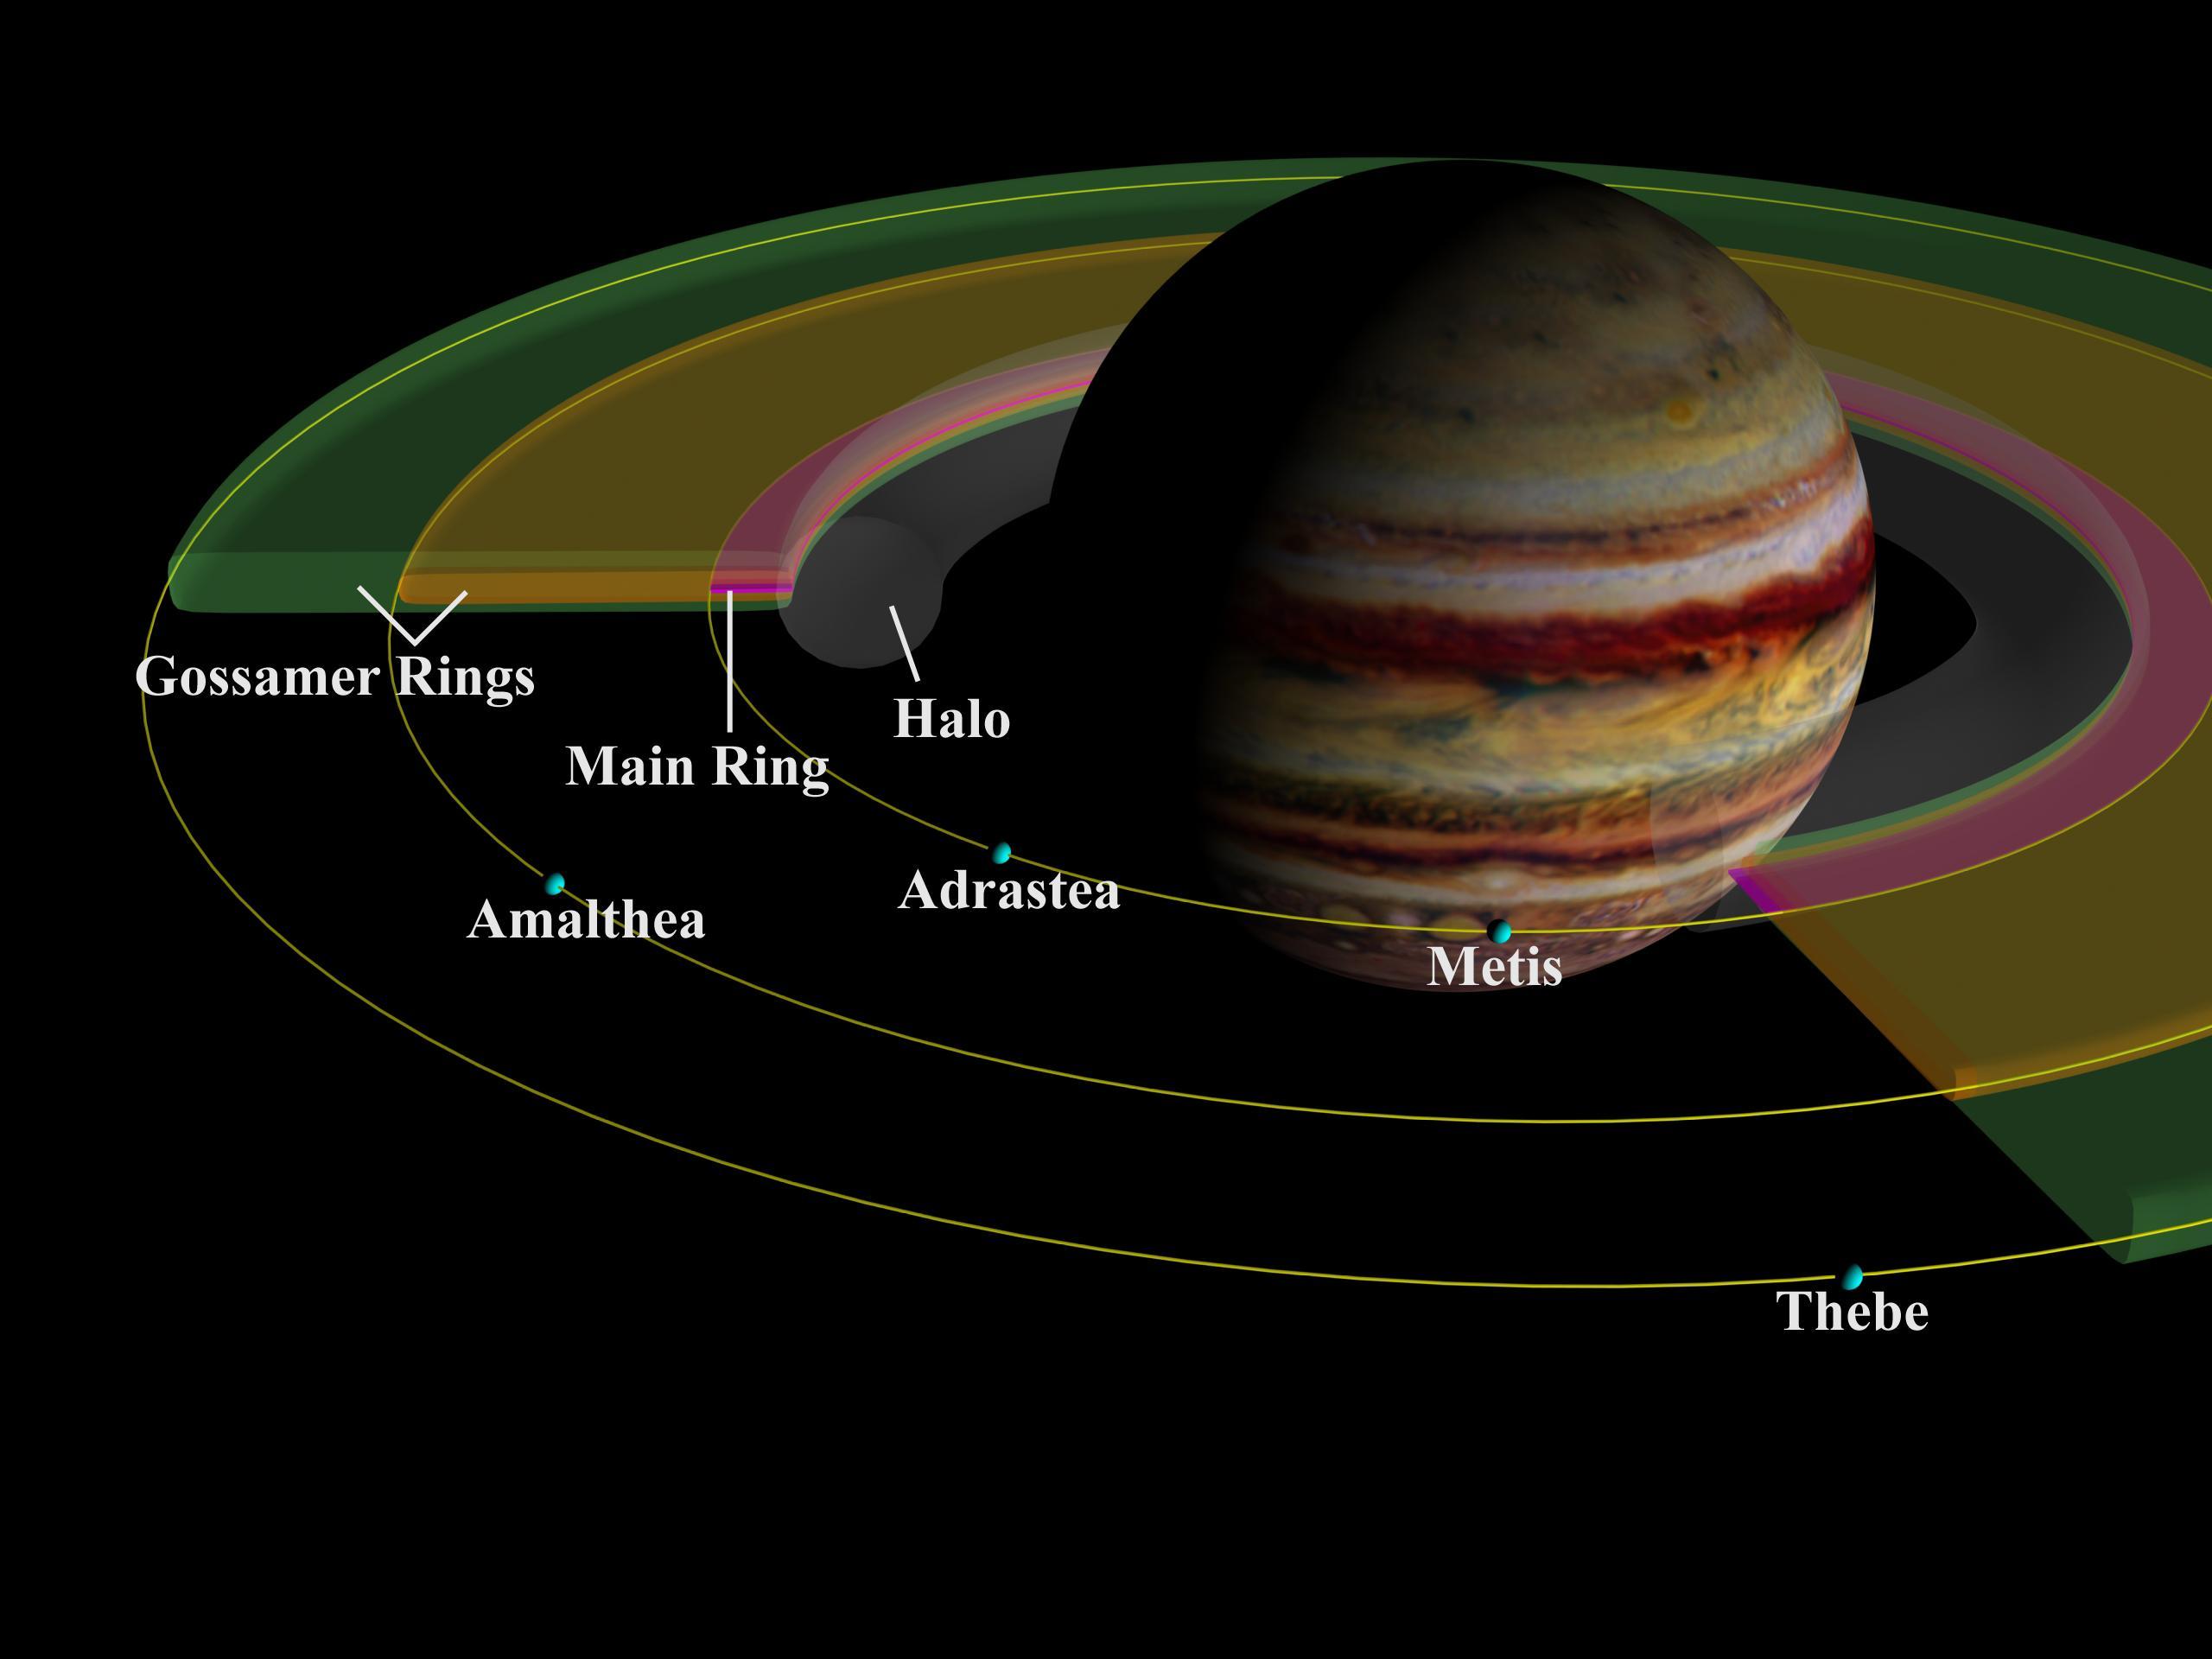 La cr 243 nica gigantes de la exploraci 243 n espacial voyager 2